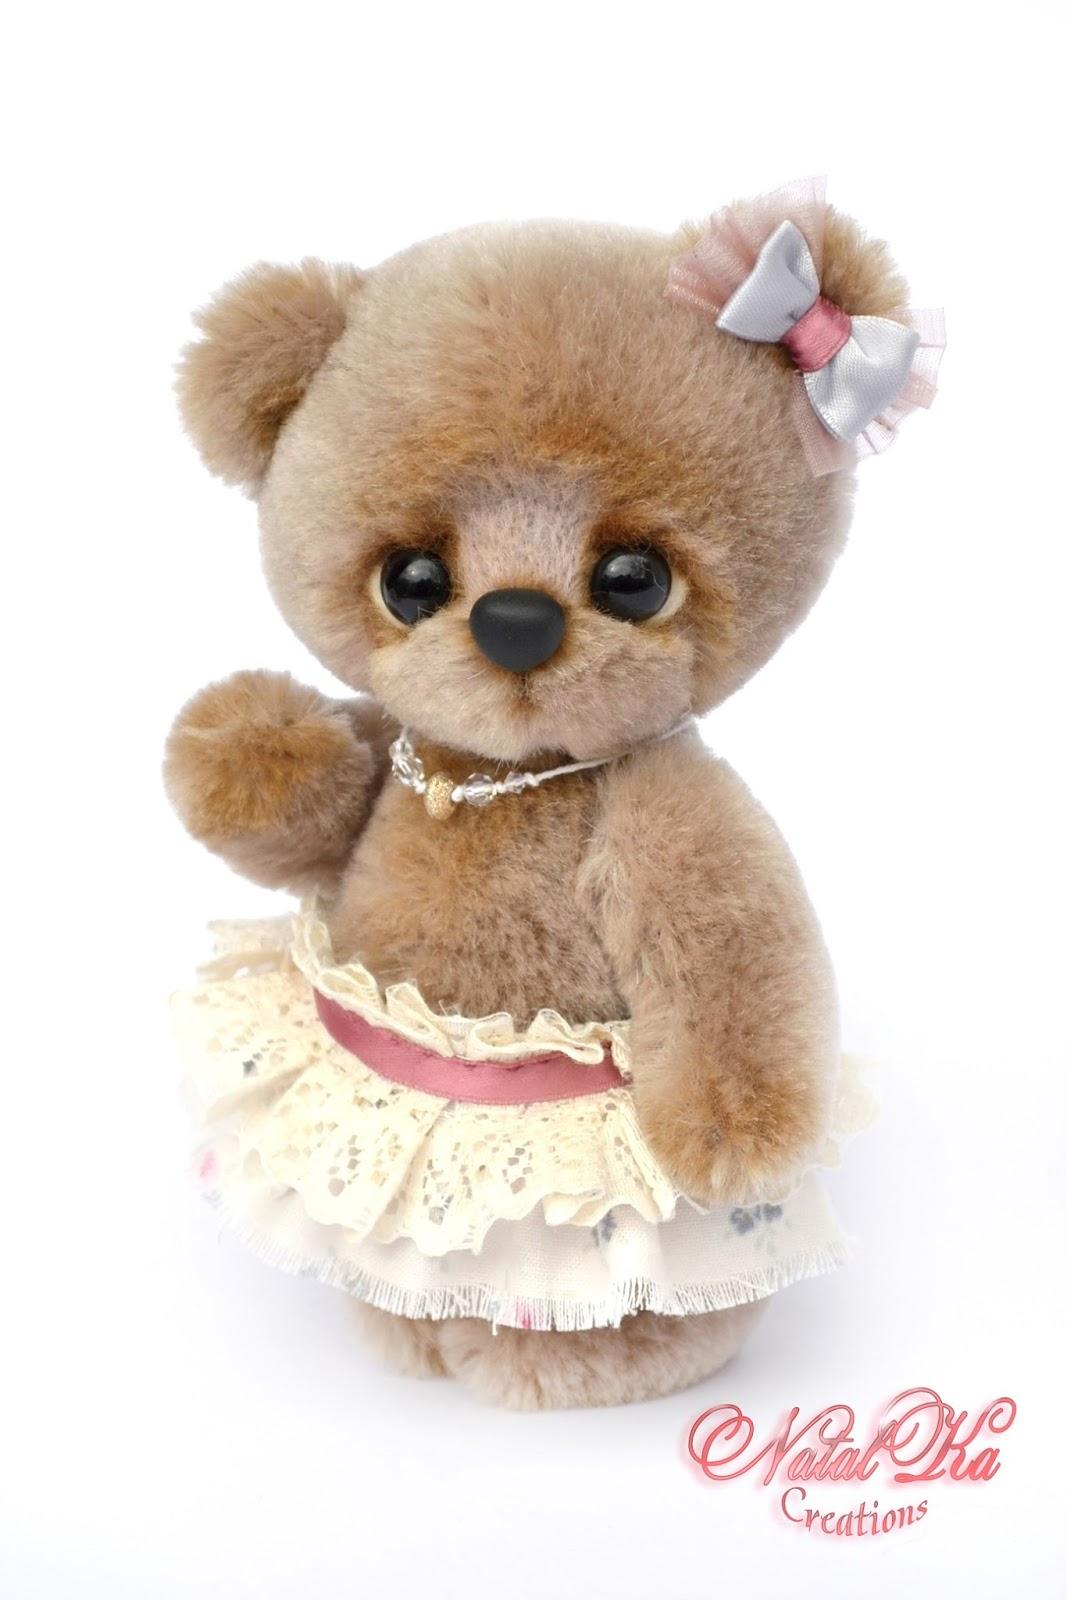 Artist teddy bear, bear handmade, jointed, ooak, Künstlerteddy, Künstlerbär, Teddybär, handgemacht von NatalKa Creations